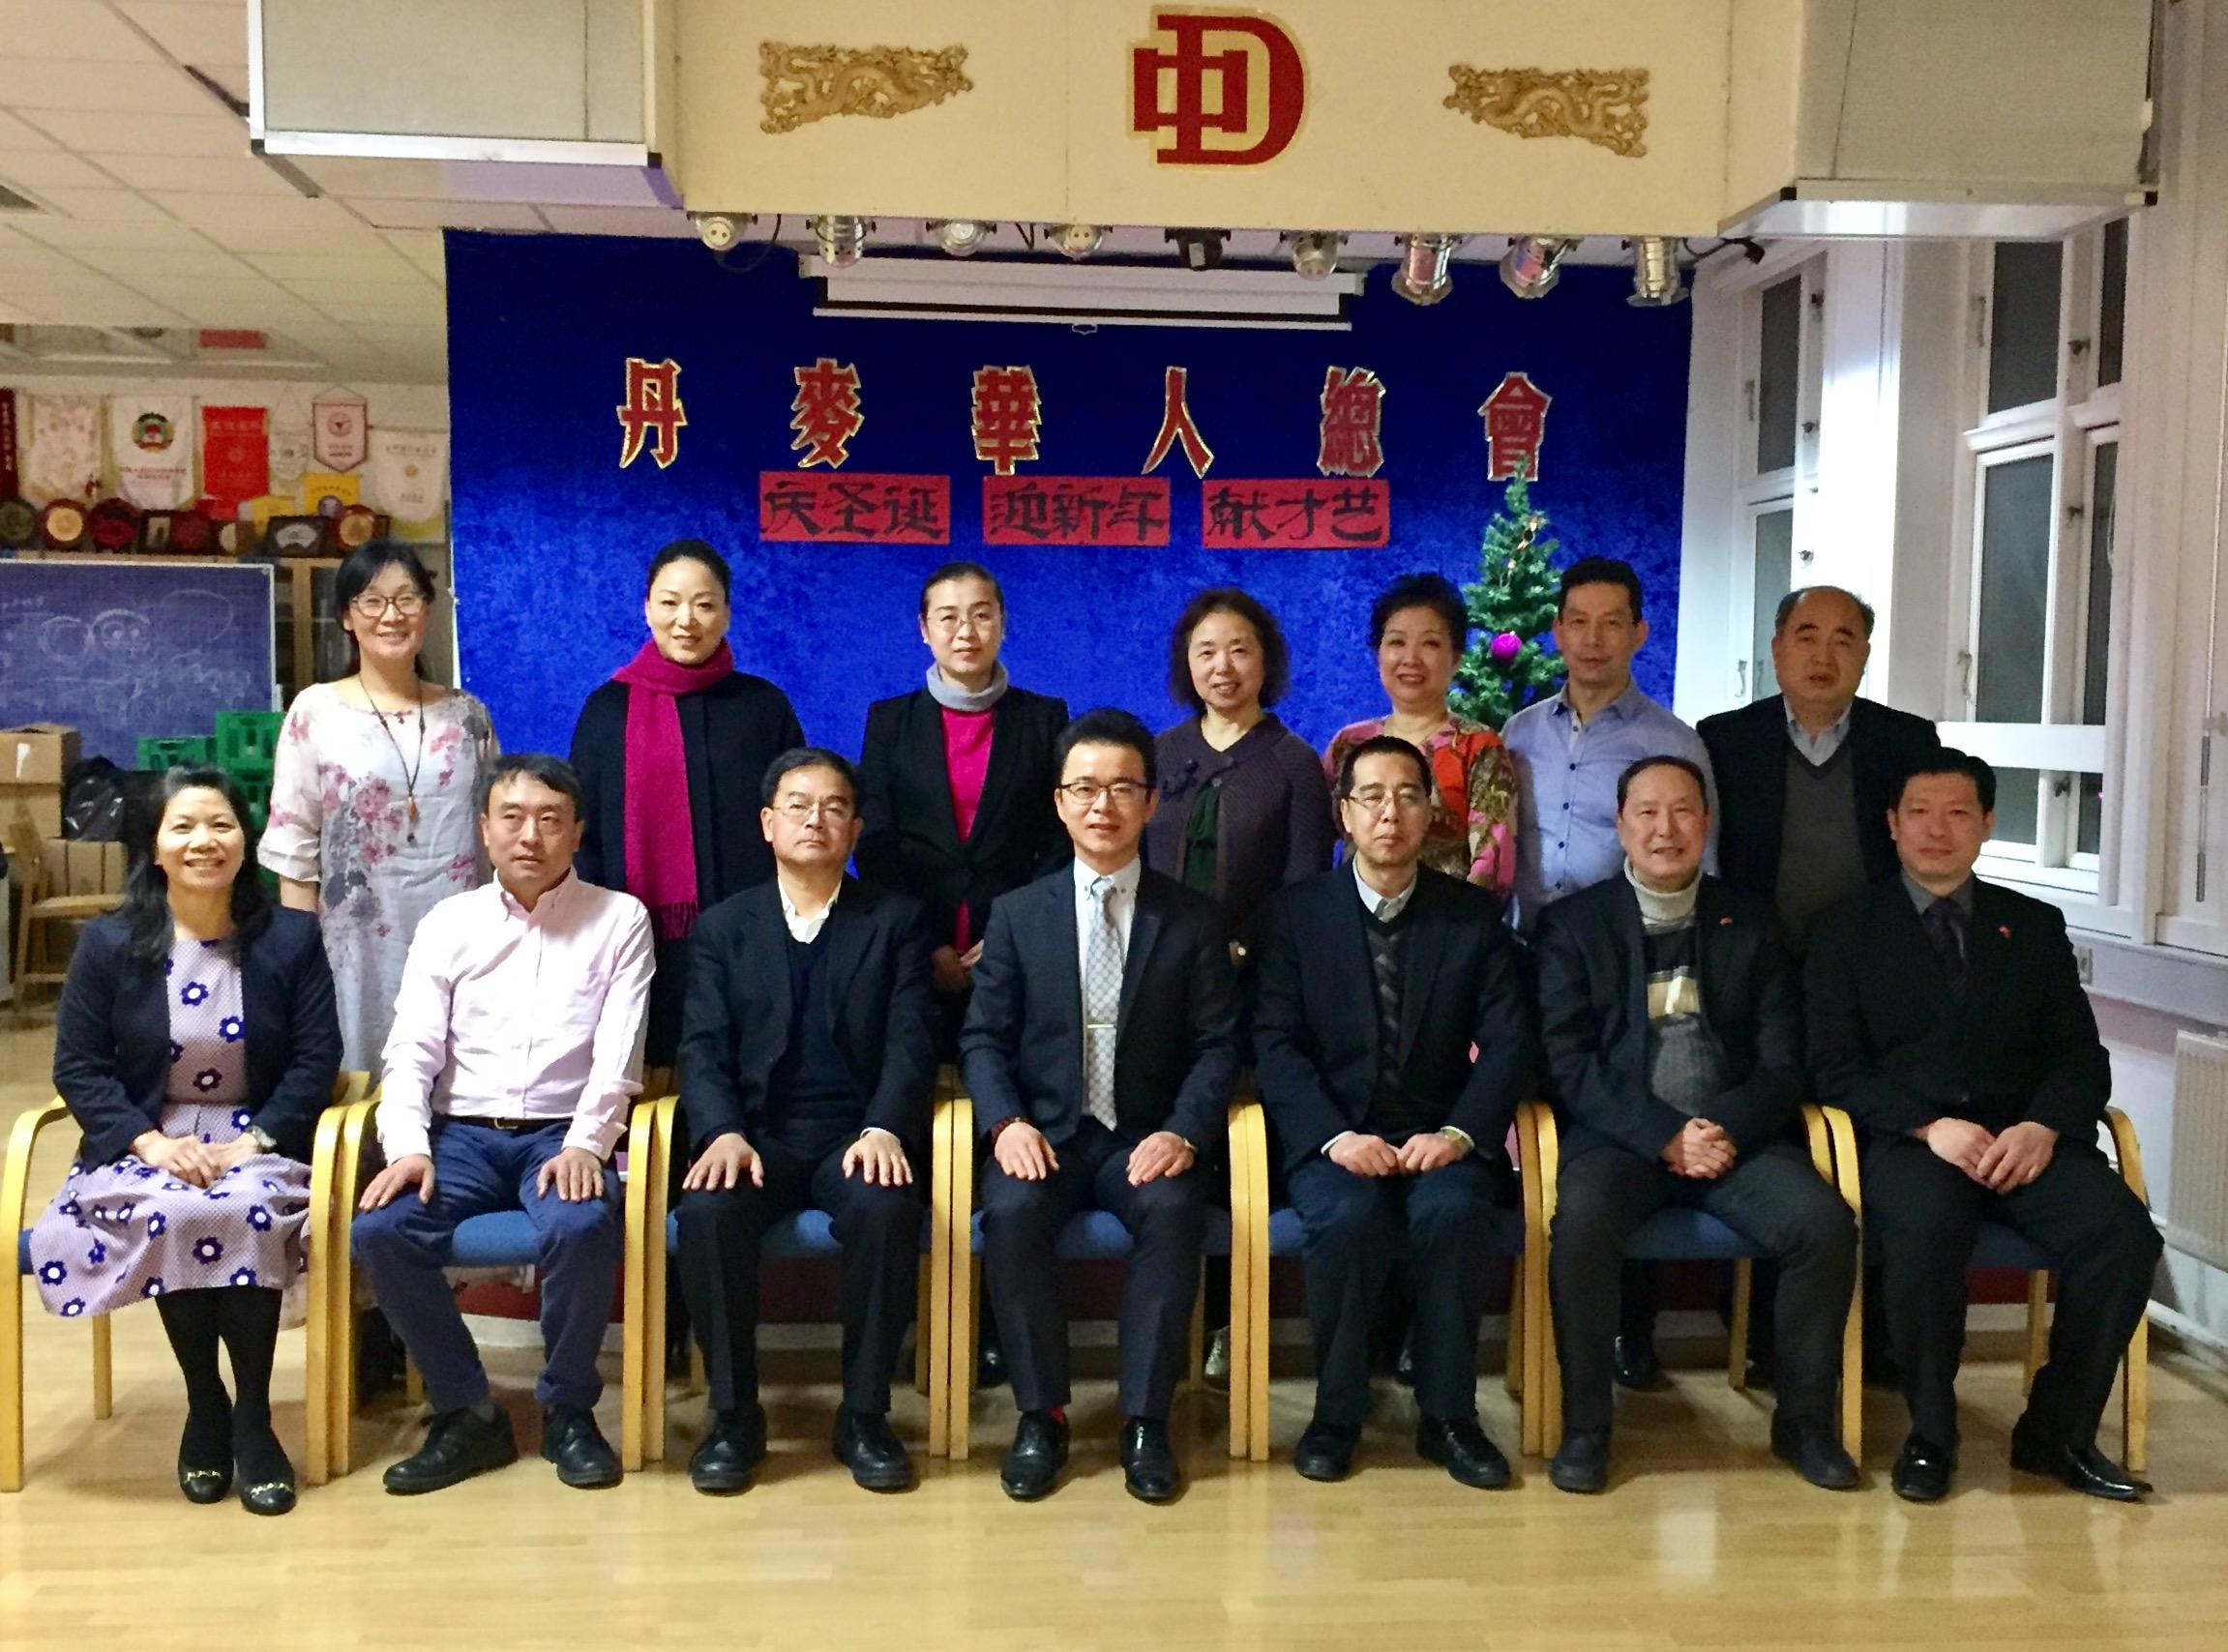 中国致公党北京市委员会刘学增秘书长一行六人访问丹麦华人总会